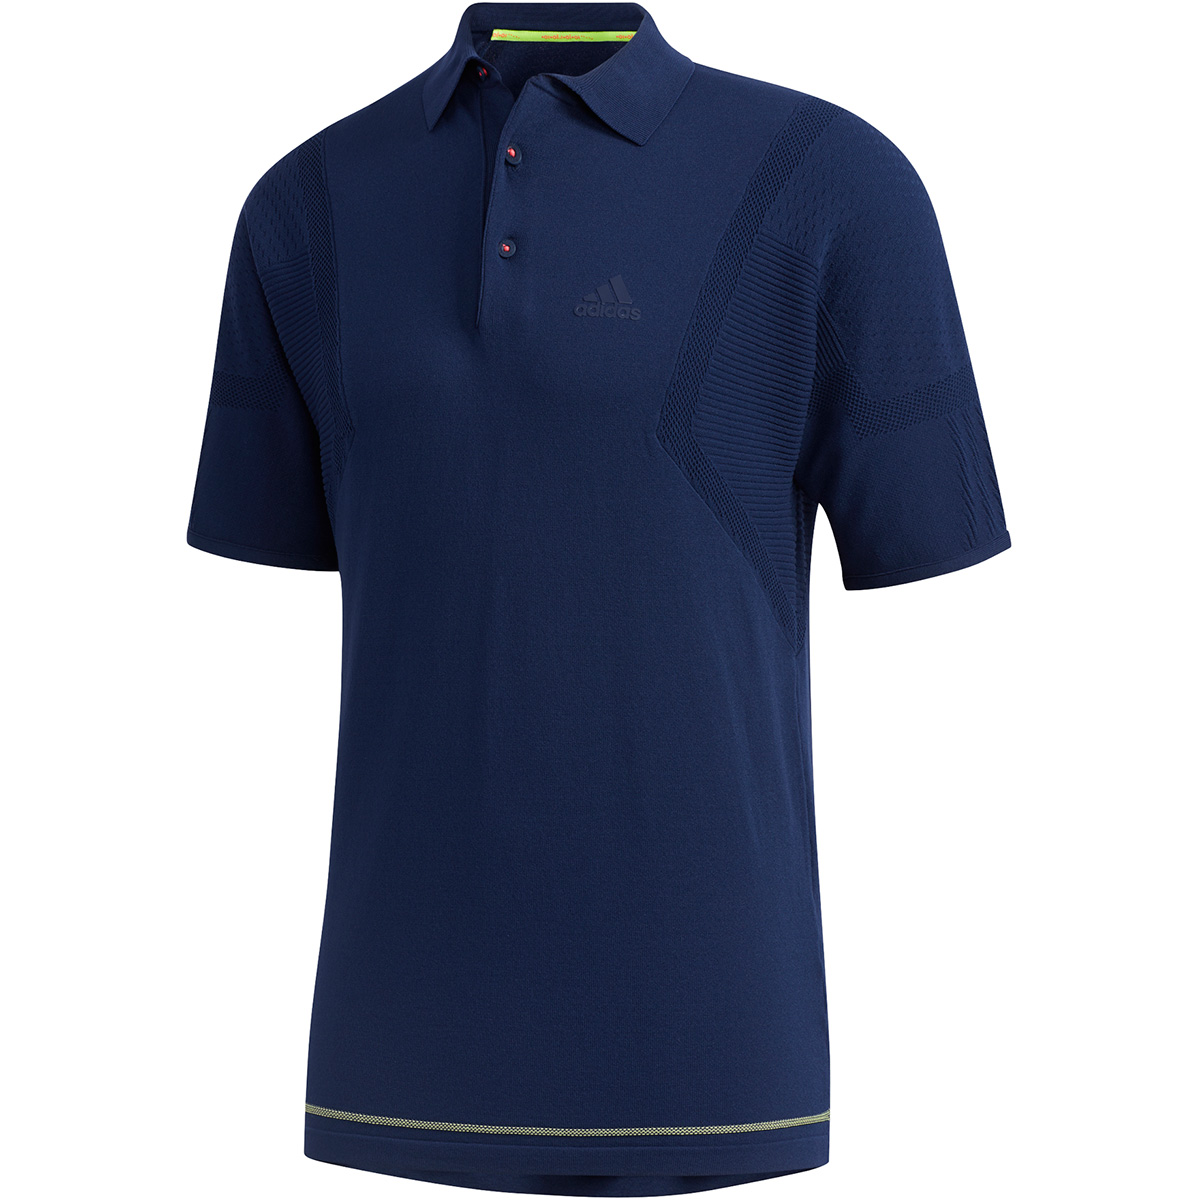 ジャカードパターン 半袖ニットポロシャツ